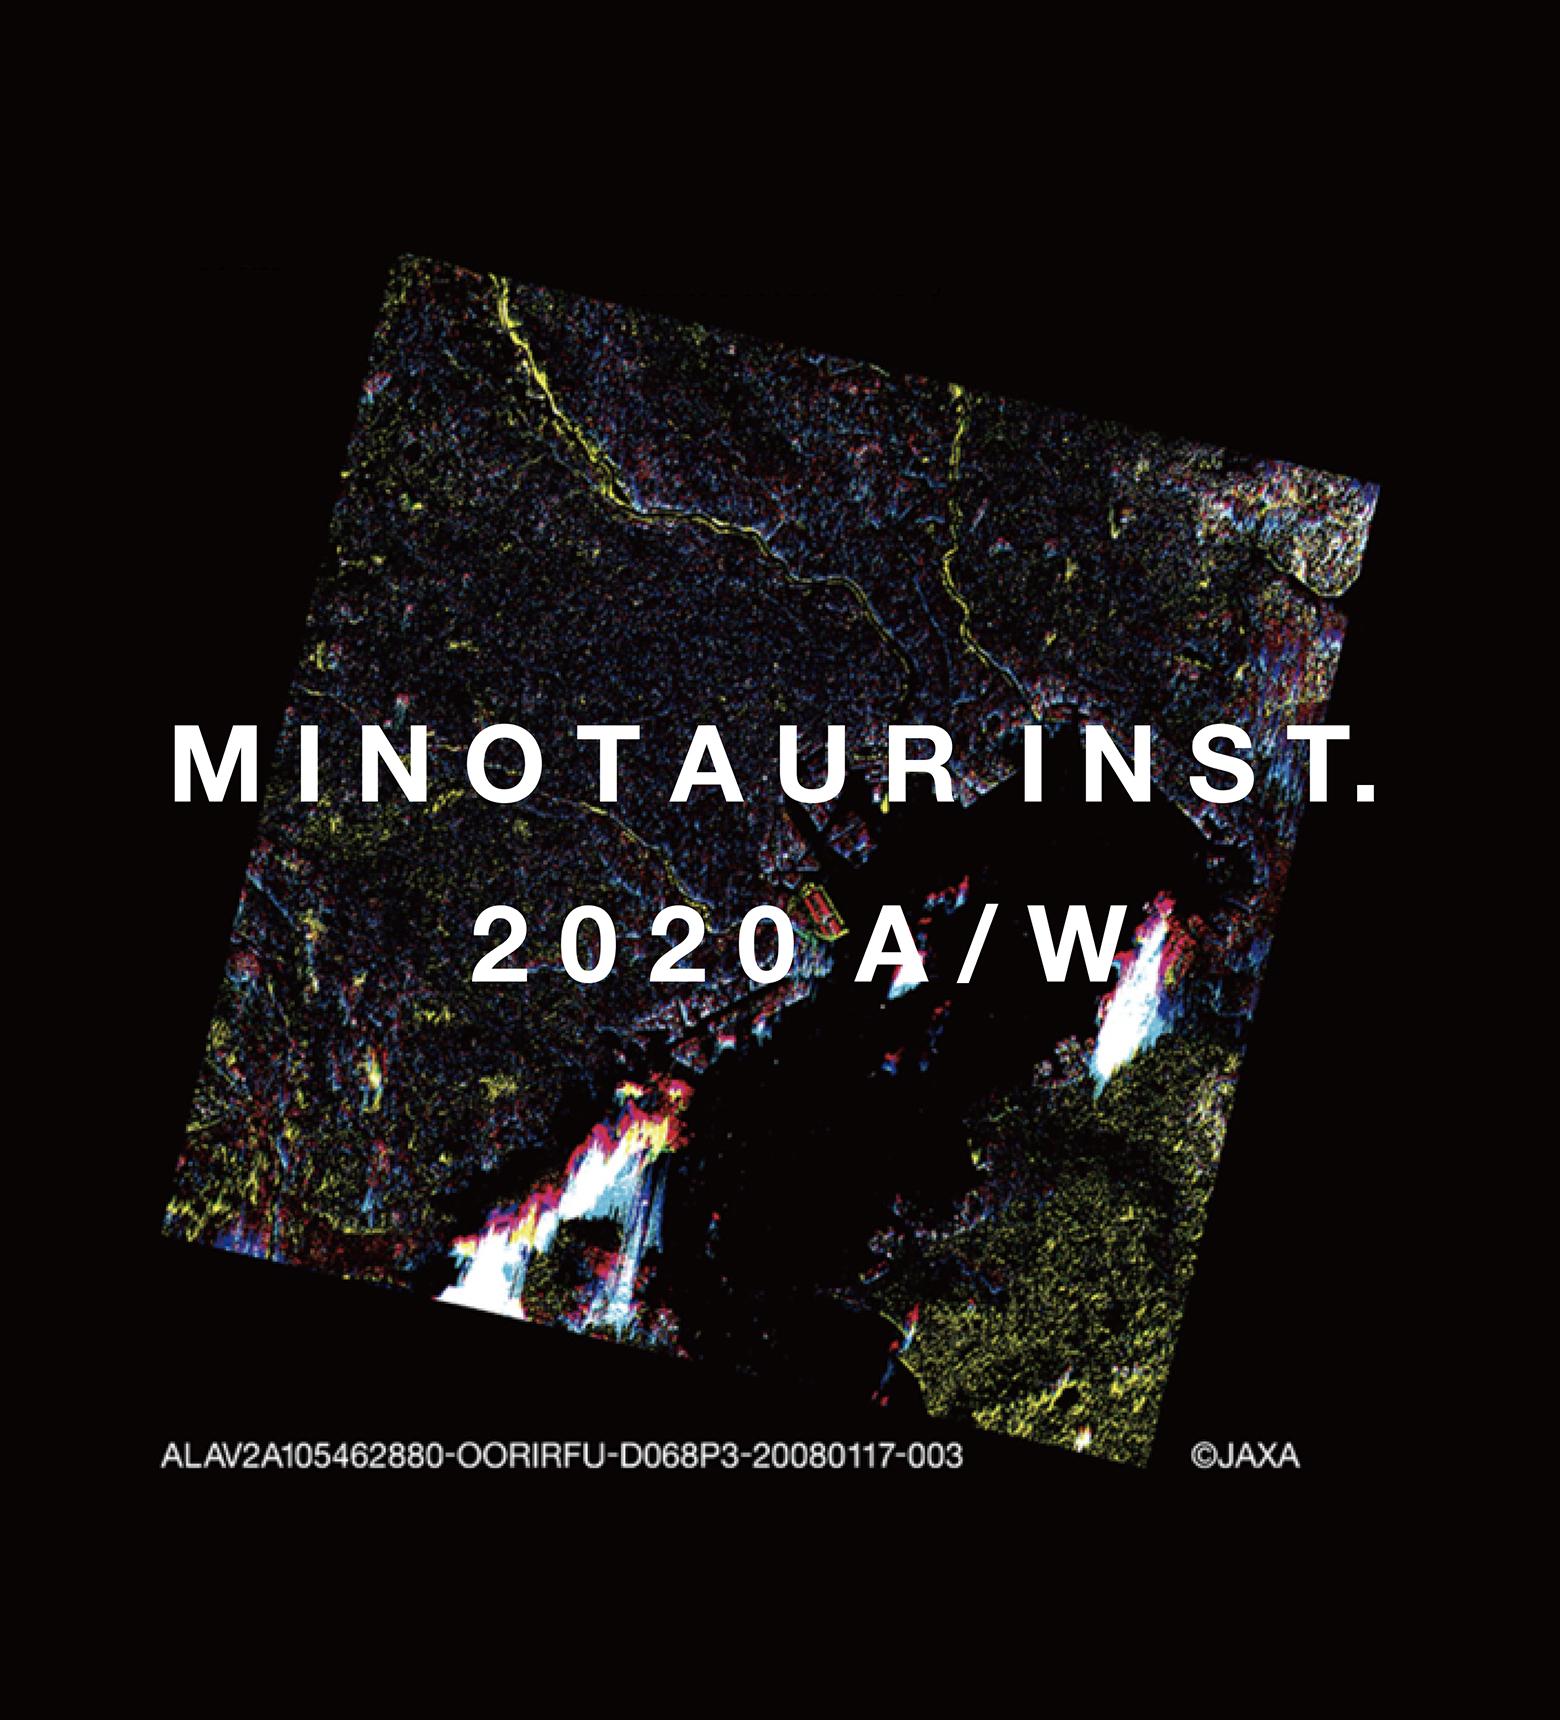 MINOTAUR INST. 2020AWのテーマは『TOKYO』